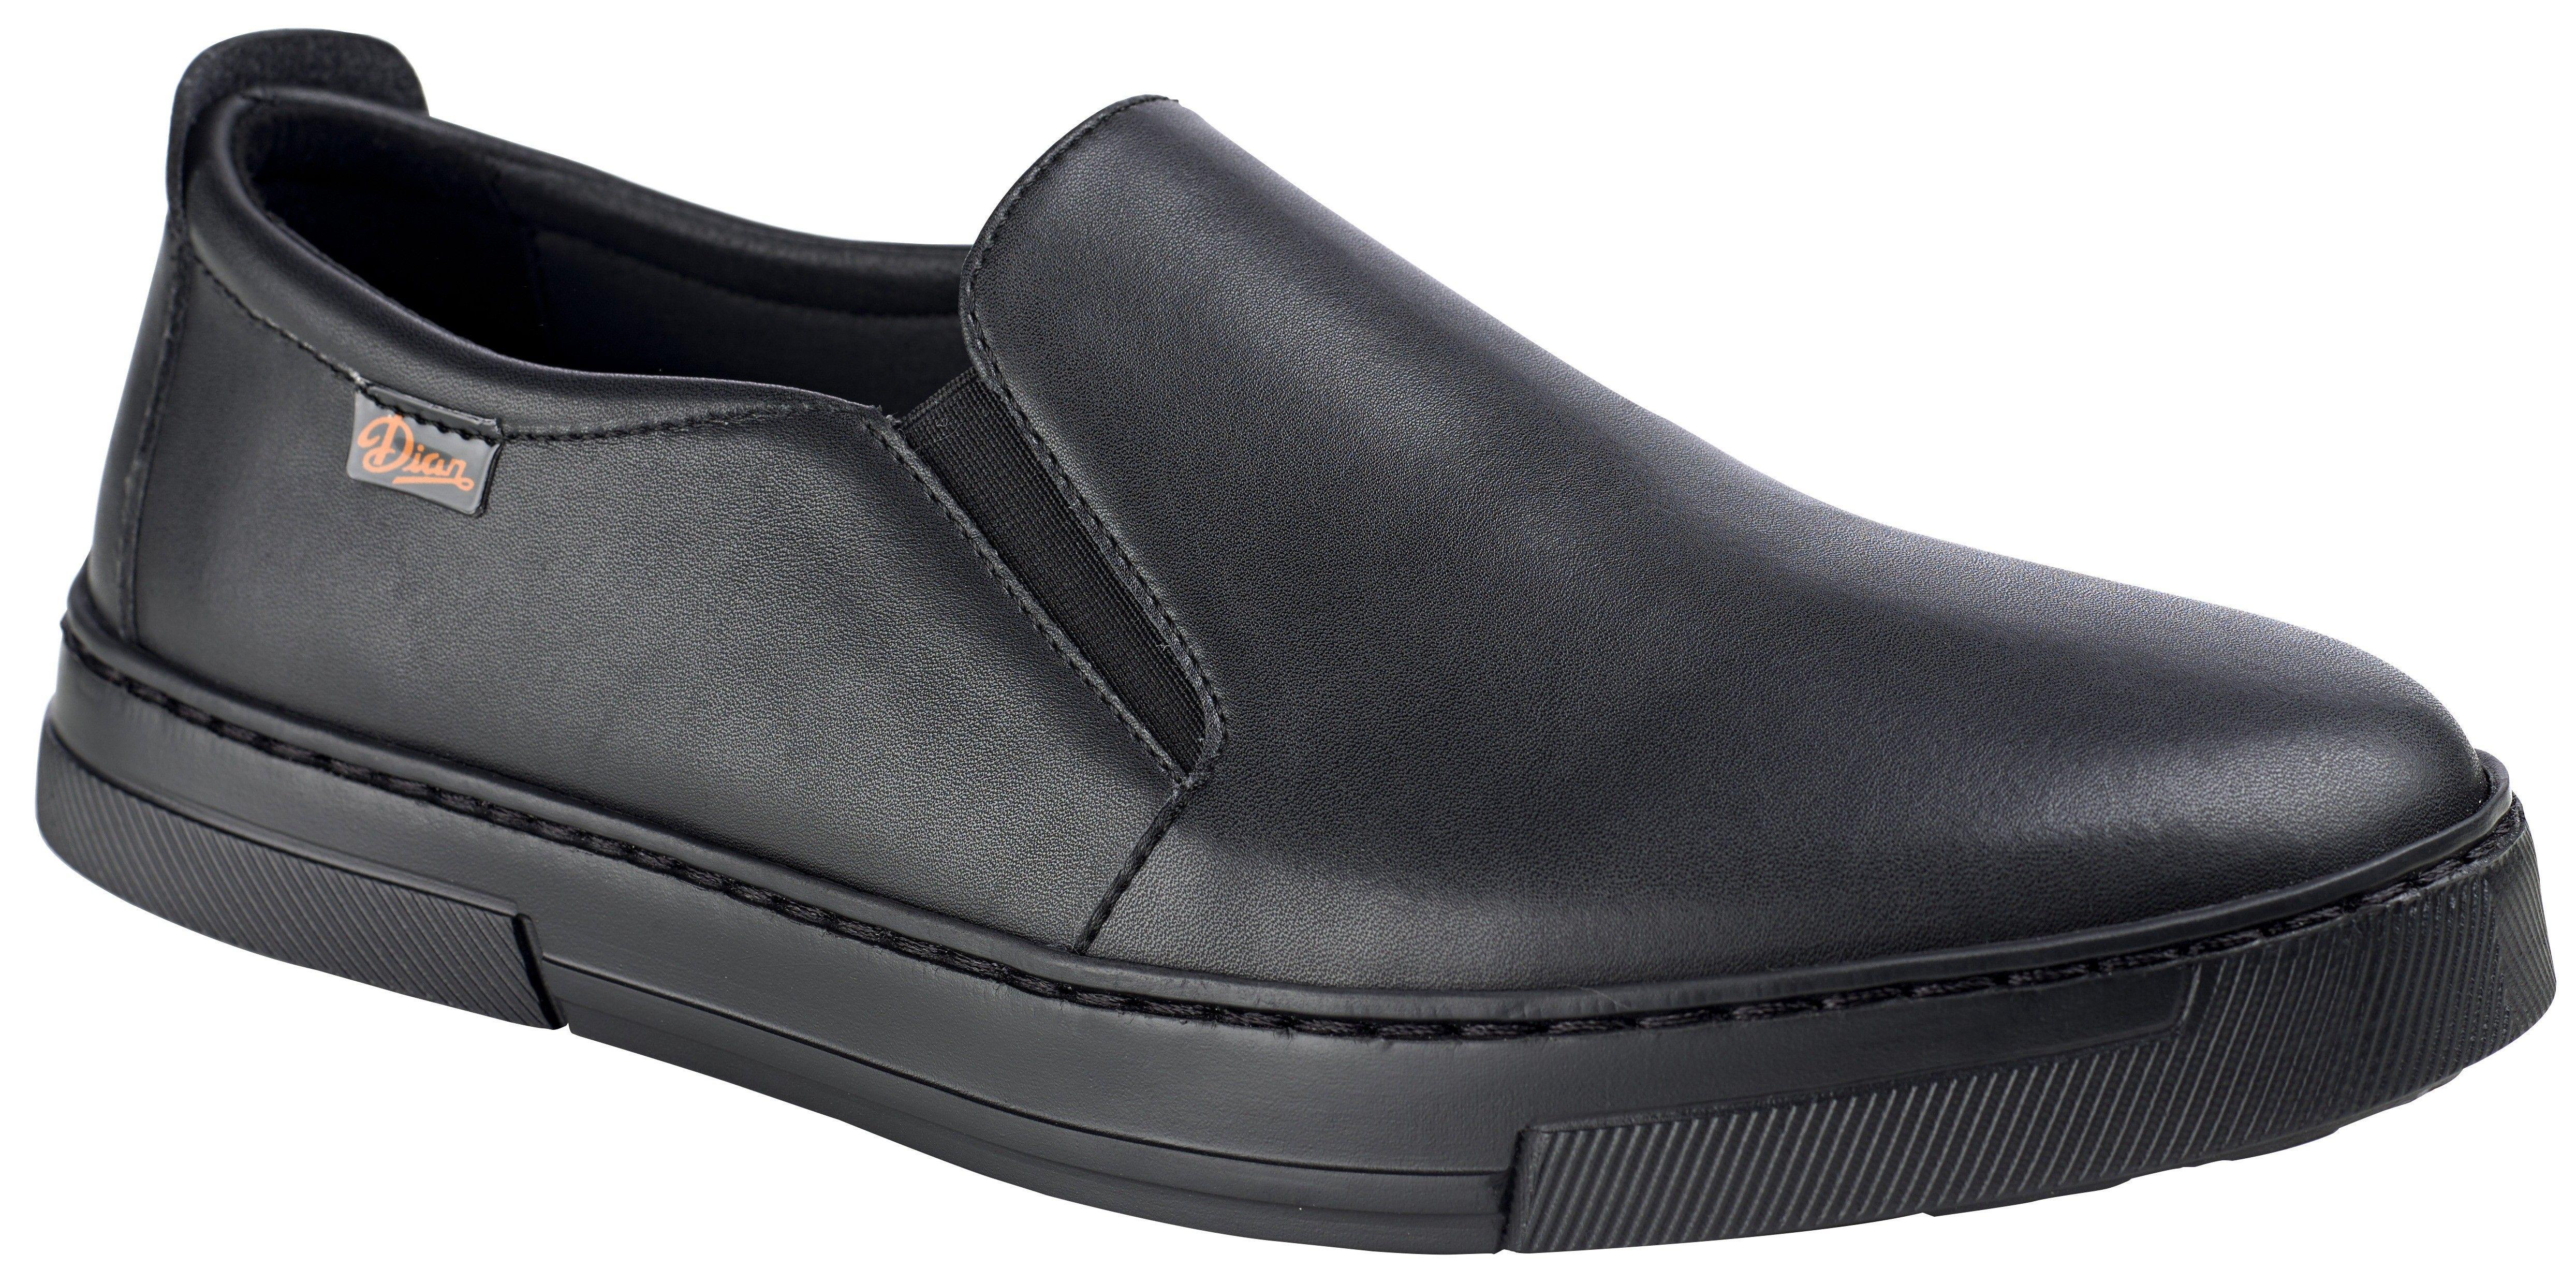 572c9c2398e Zapato de trabajo con cierre de elásticos | Zapato con normativa